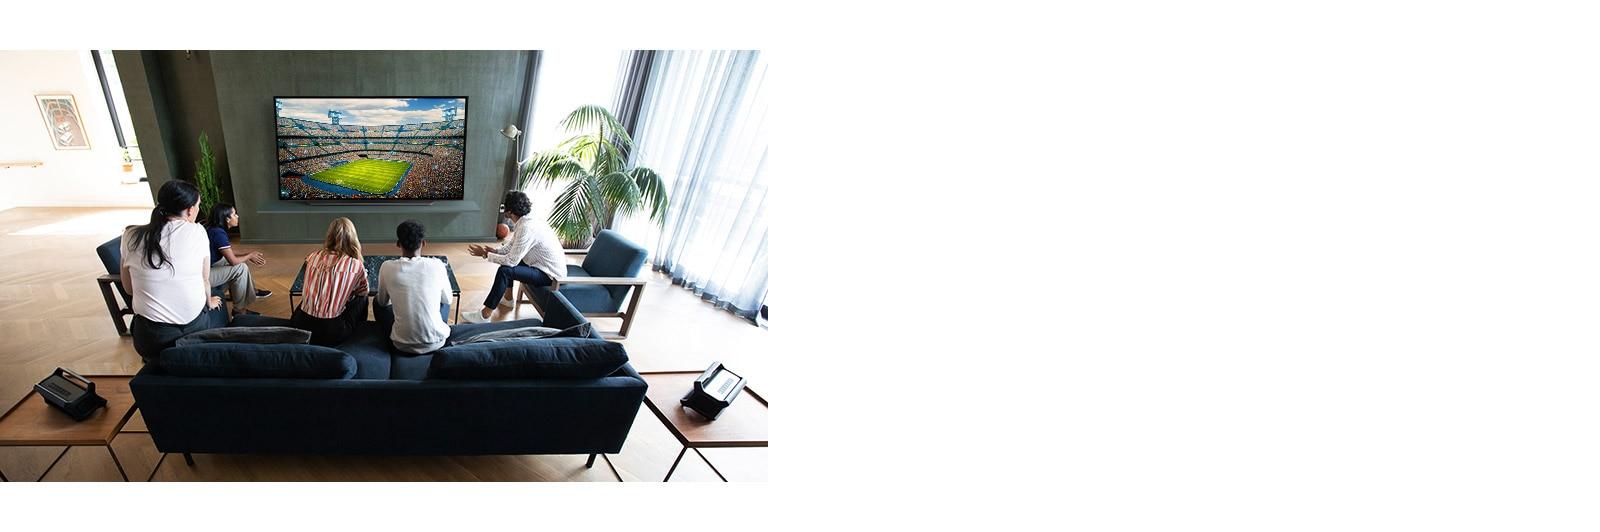 Lidé sledující sportovní zápas na televizoru vobývacím pokoji se zadními reproduktory Bluetooth